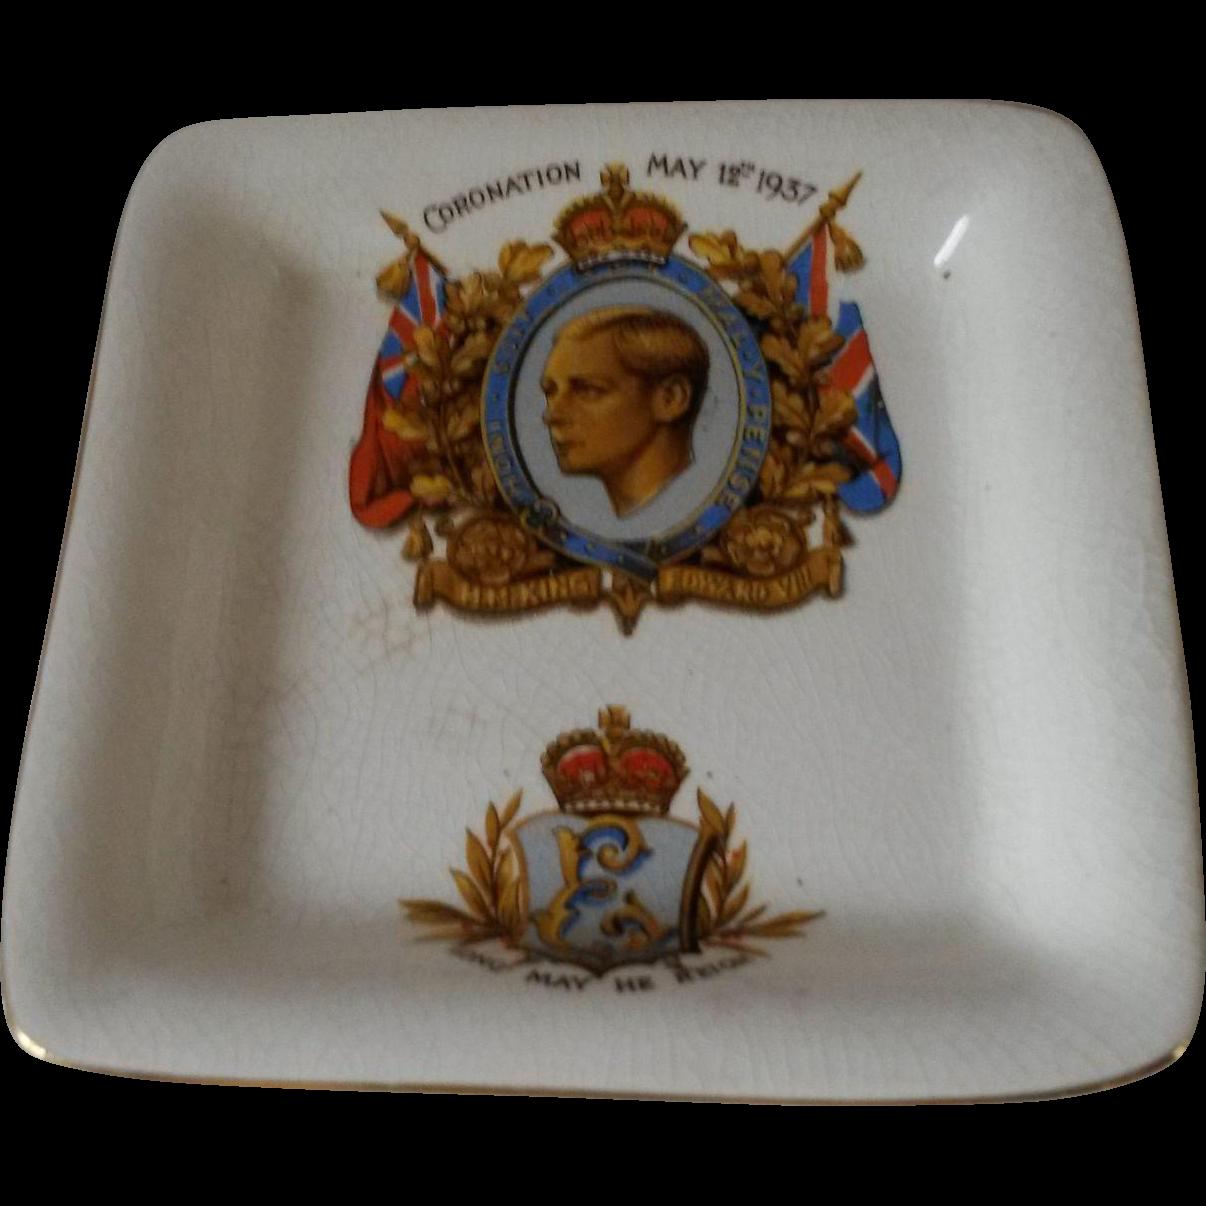 Duke of Windsor Commemorative Plate